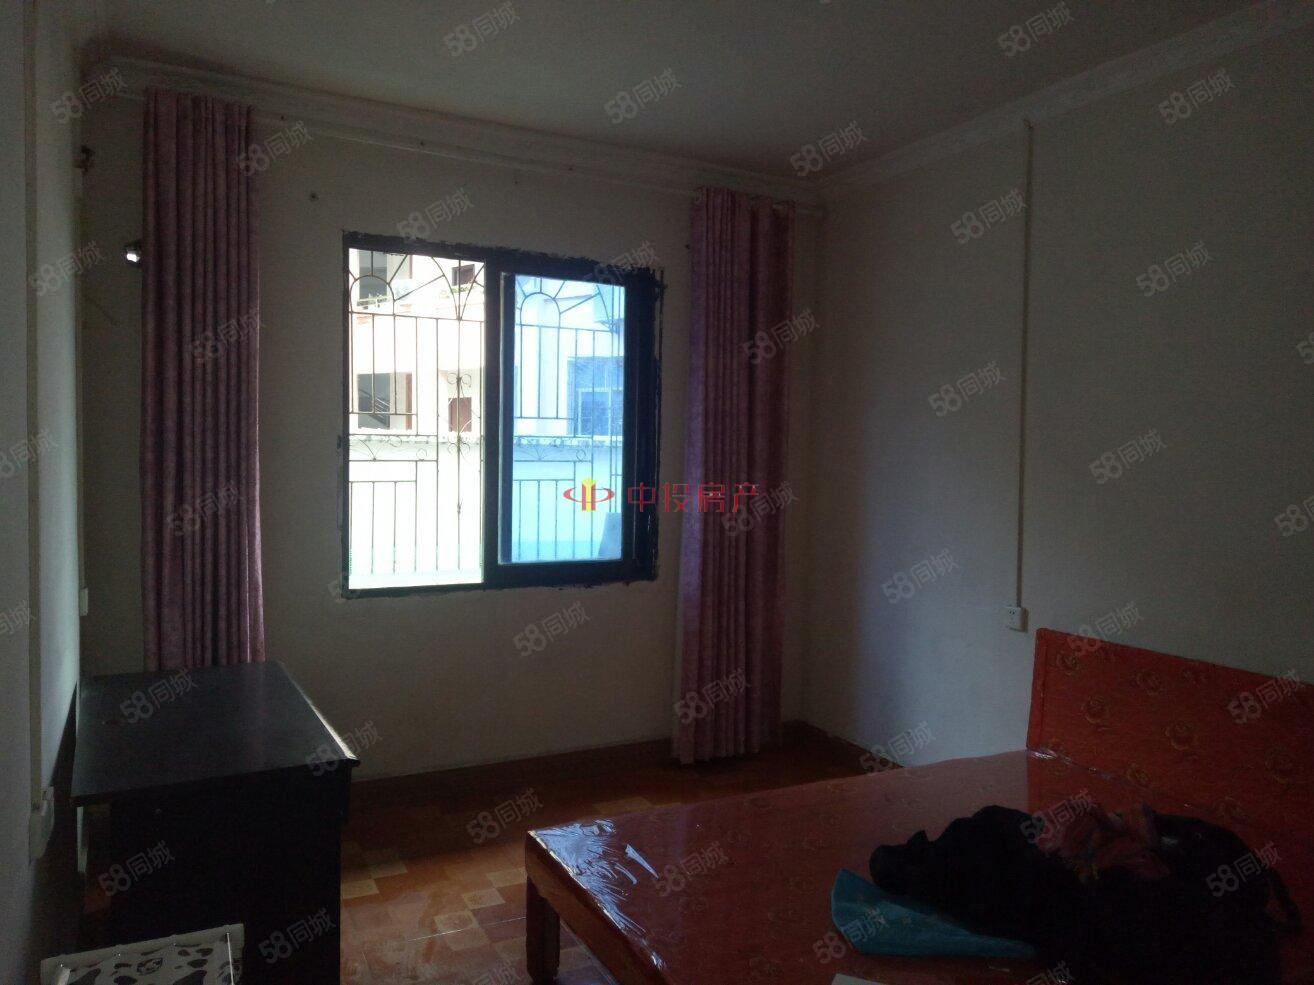 房子在锦江广场石油公司,1室1厅,整体干净整洁。